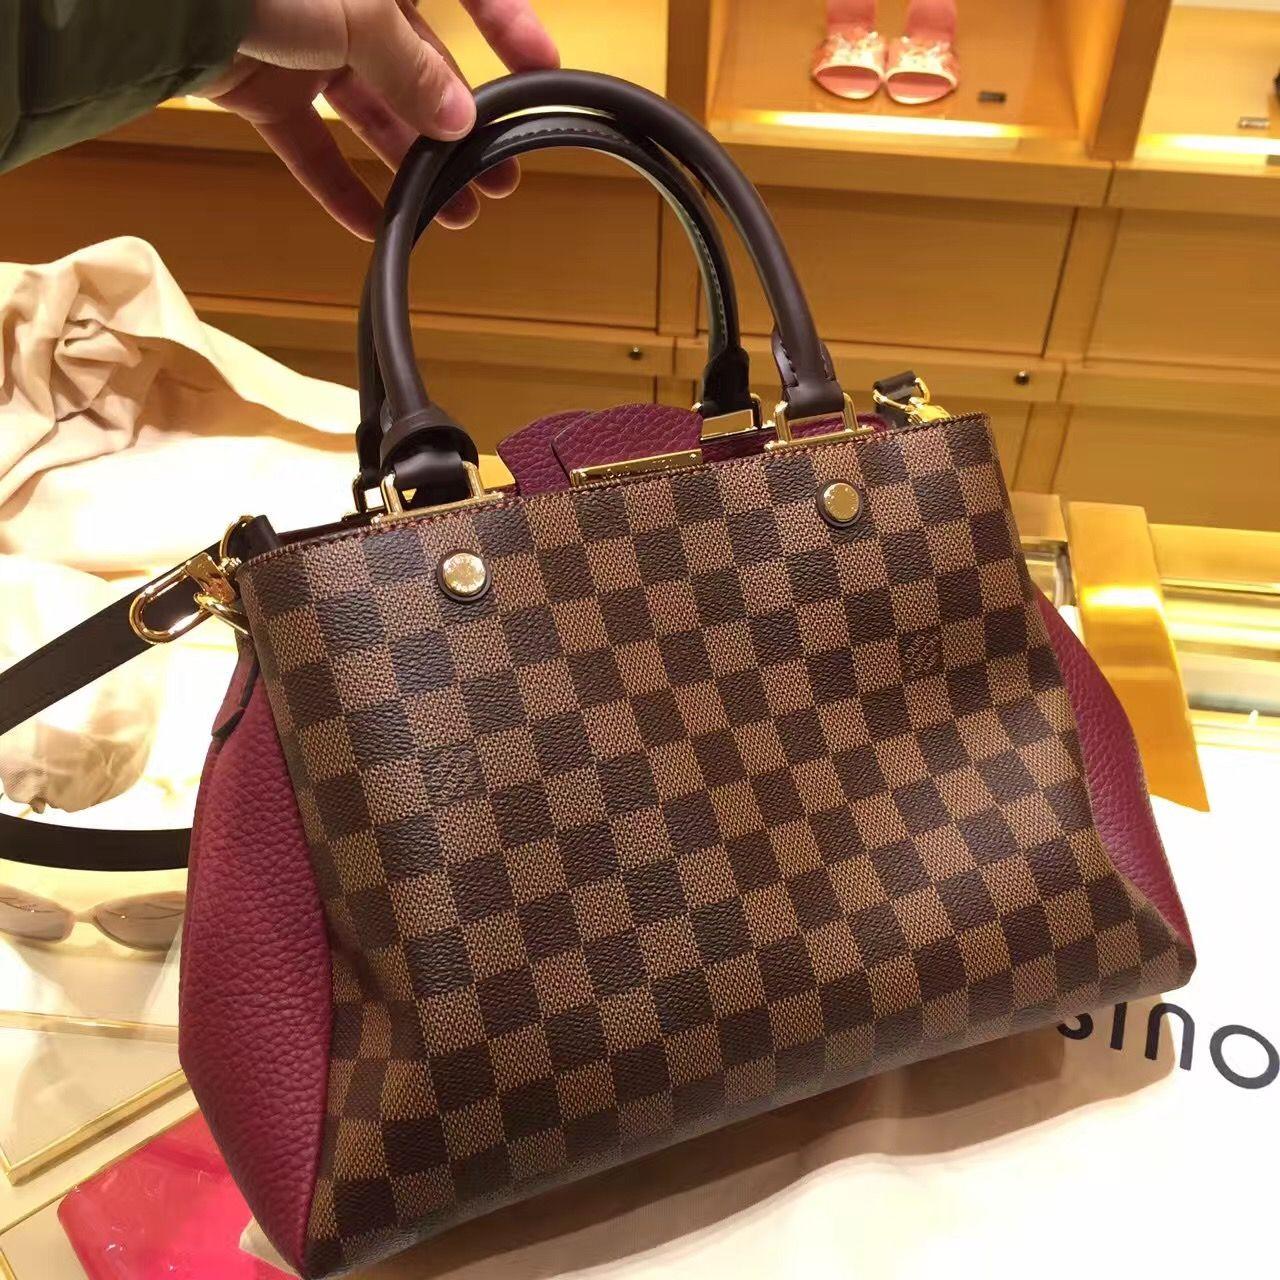 d879ff09874a Louis Vuitton Brittany bag n41675 discount price  brittany  louis  vuitton   n41675